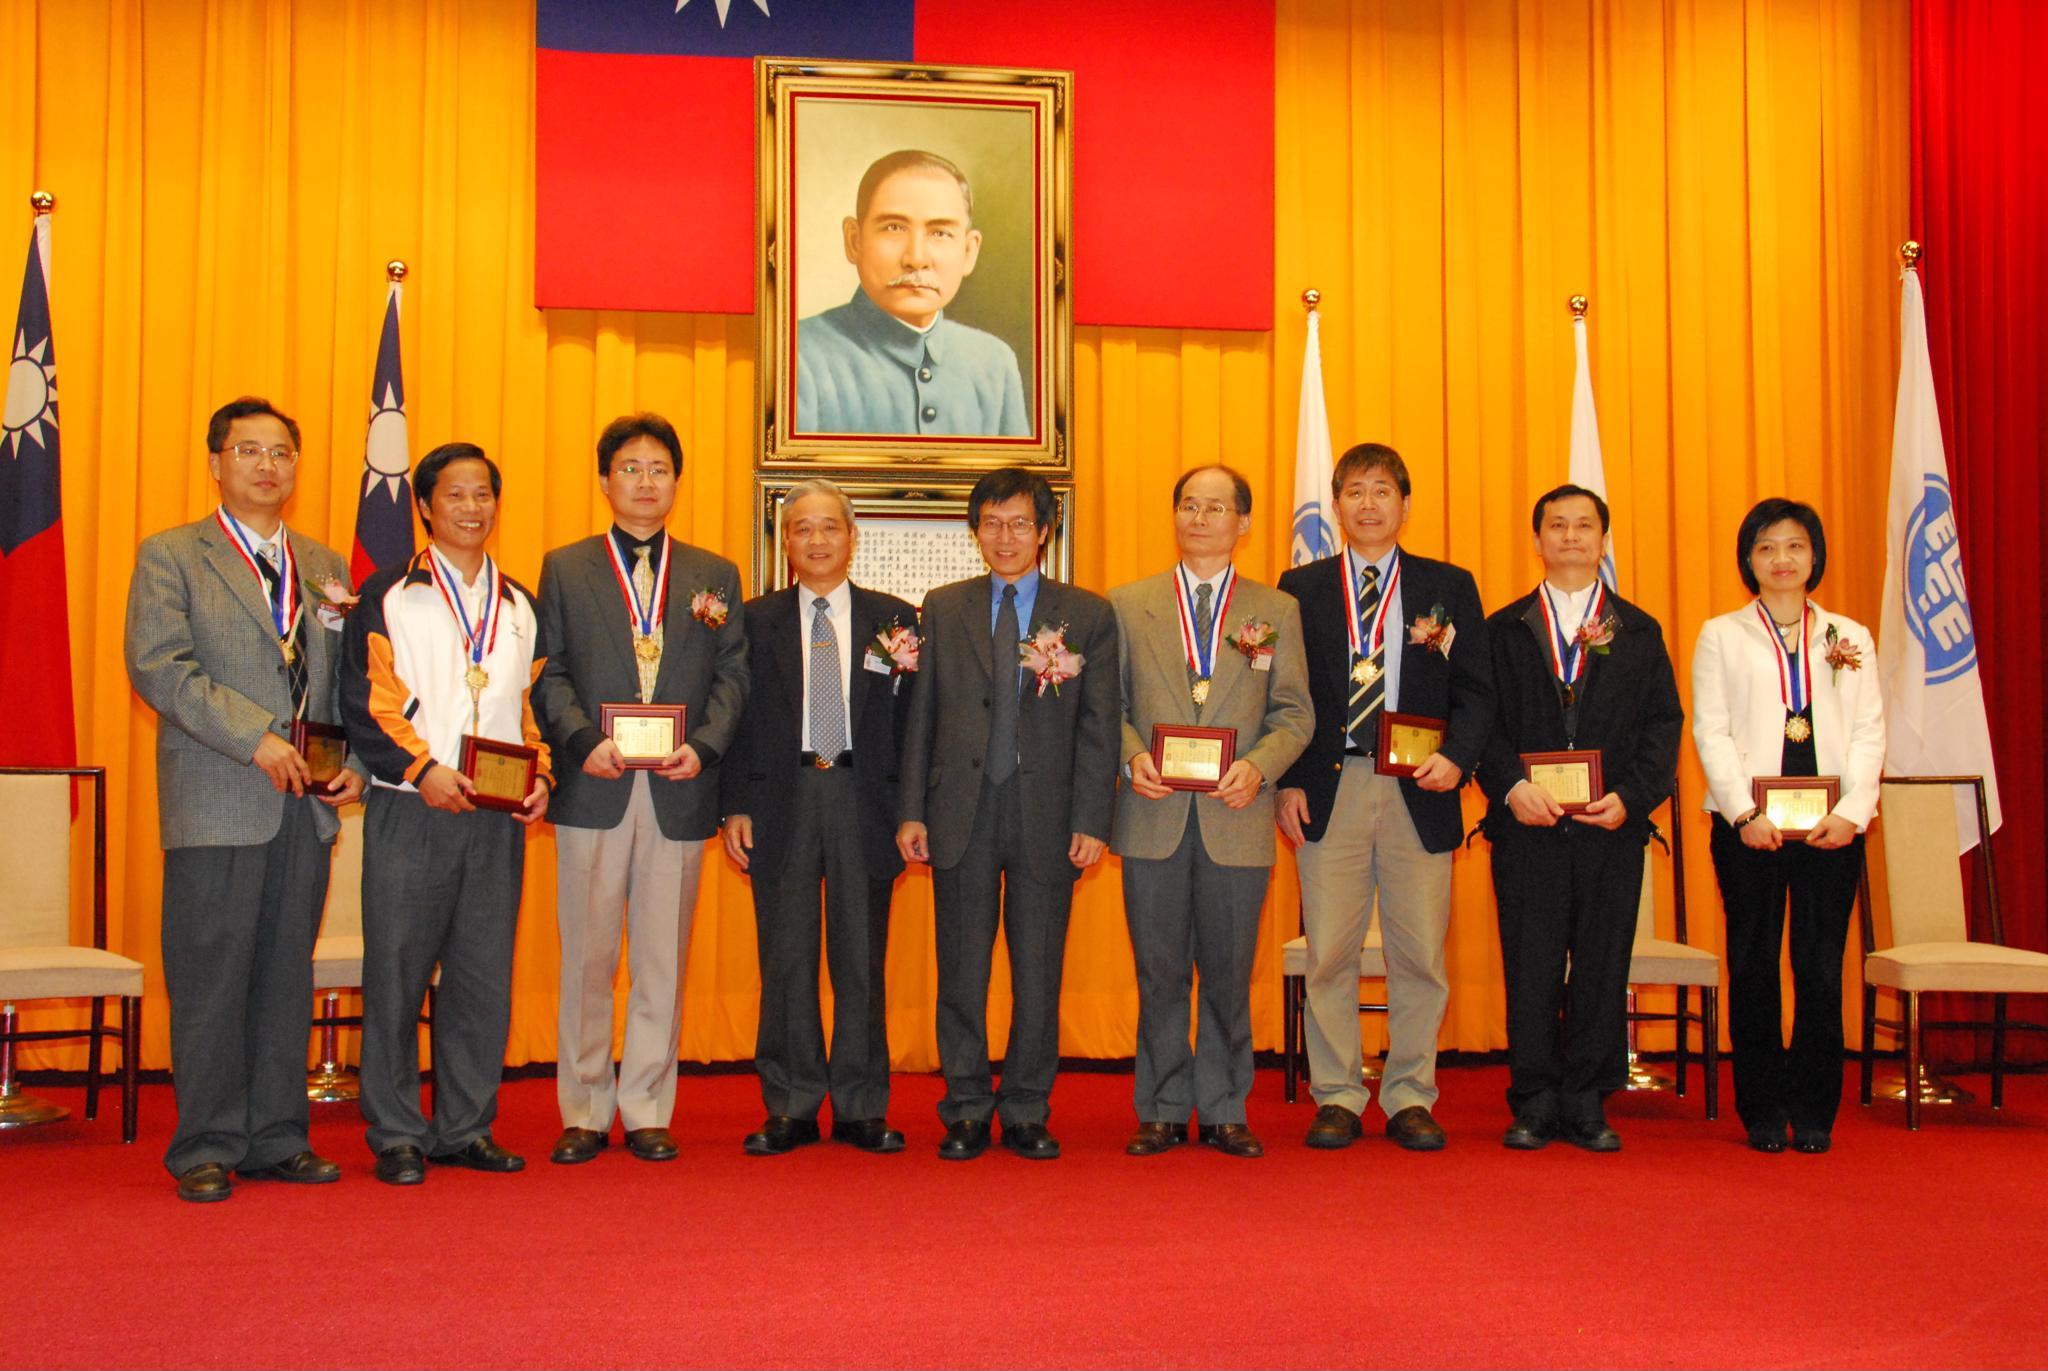 洪穎怡院長榮獲「傑出電機工程教授獎」 私立大學唯一獲獎